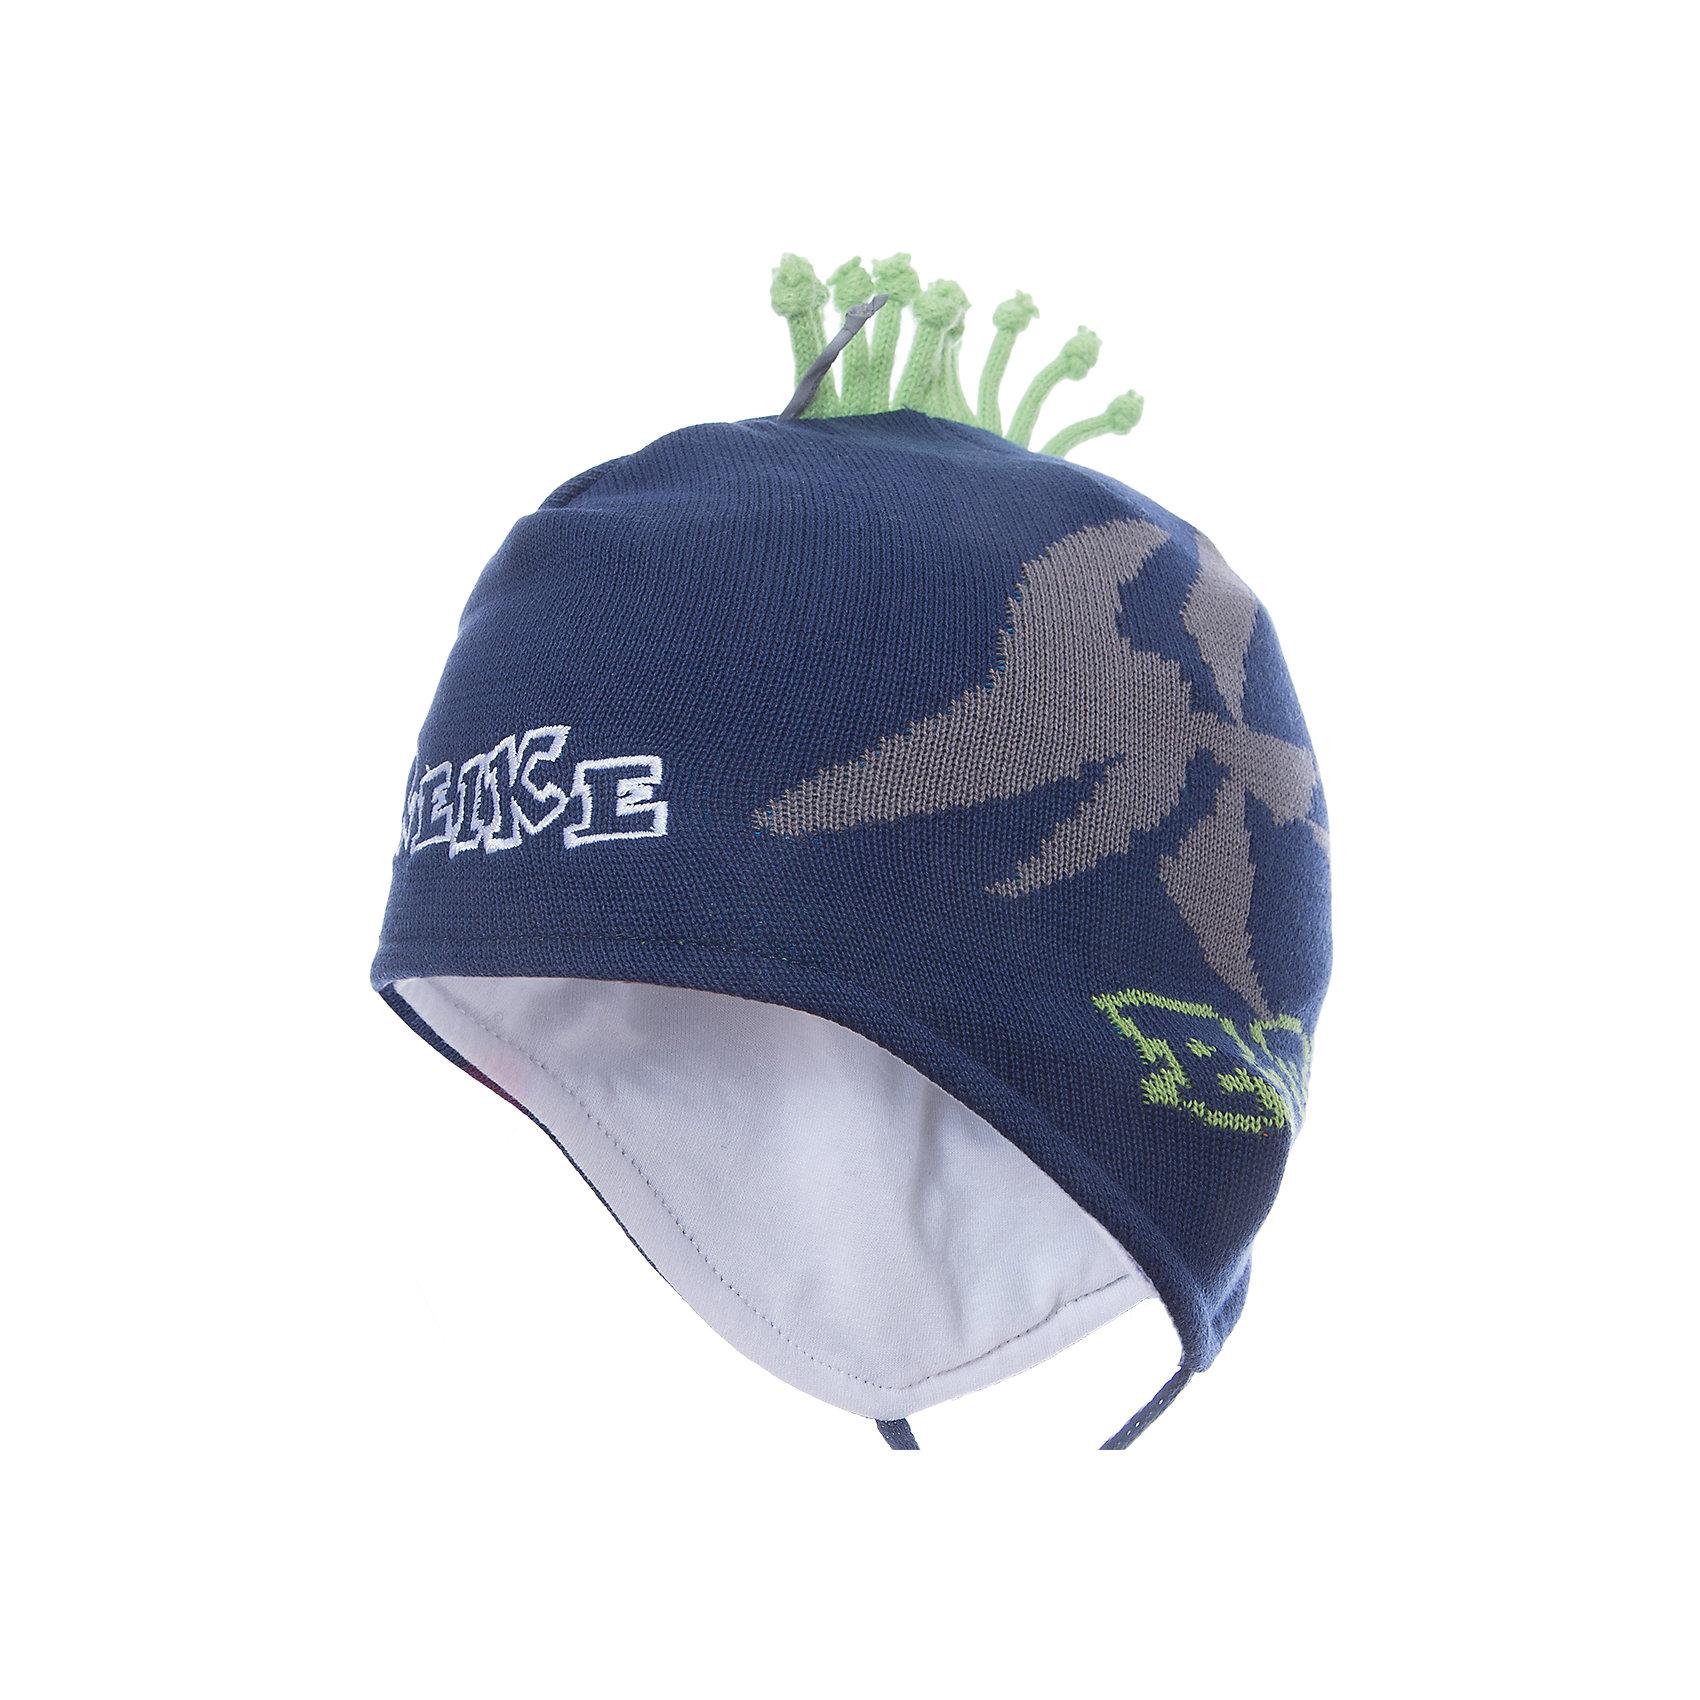 Шапка Reike для мальчикаШапки и шарфы<br>Характеристики товара:<br><br>• цвет: синий<br>• состав: 100% хлопок<br>• подкладка: 100% хлопок<br>• температурный режим: от +5° С до +15° С<br>• завязки во всех размерах<br>• декорирована вышивкой и вязаным узором<br>• декоративный ирокез наверху<br>• мягкий материал<br>• страна бренда: Финляндия<br><br>Демисезонная одежда может быть очень красивой и удобной! Новая коллекция от известного финского производителя Reike отличается ярким дизайном, продуманностью и комфортом! Эта модель разработана специально для детей - она учитывает особенности их физиологии, а также новые тенденции в европейской моде. Она отлично сочетается с обувью разных цветов и фасонов. Стильная и удобная вещь!<br><br>Шапку для мальчика от популярного бренда Reike можно купить в нашем интернет-магазине.<br><br>Ширина мм: 89<br>Глубина мм: 117<br>Высота мм: 44<br>Вес г: 155<br>Цвет: полуночно-синий<br>Возраст от месяцев: 24<br>Возраст до месяцев: 36<br>Пол: Мужской<br>Возраст: Детский<br>Размер: 50,46,48<br>SKU: 5430136